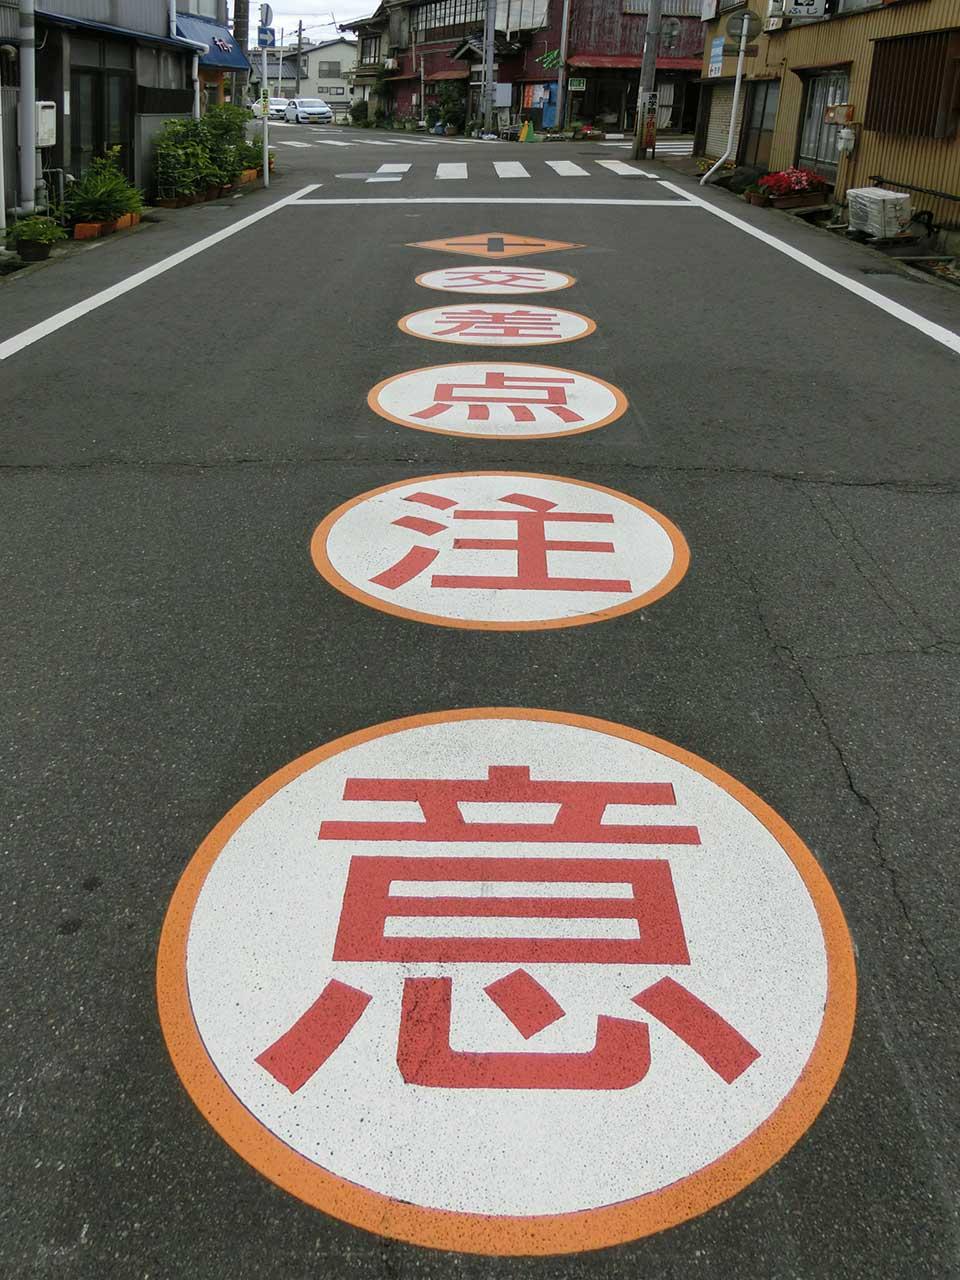 十形道路交差点あり 交差点注意